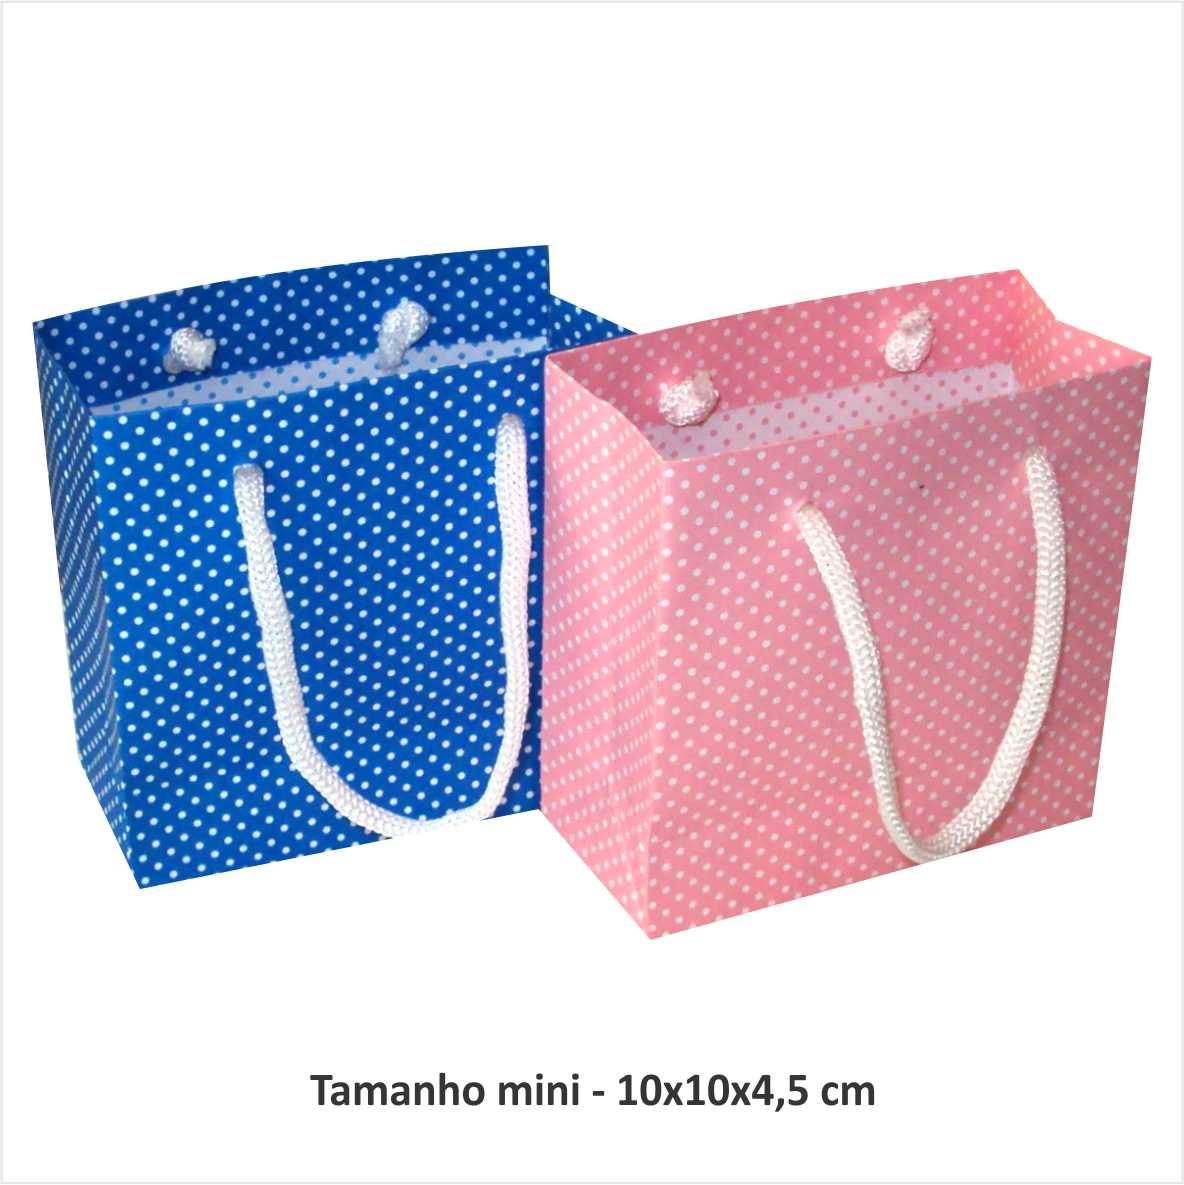 5a54b9836 Sacola azul ou rosa bolinha branca- mini no Elo7 | Artesanal Sacolas ...